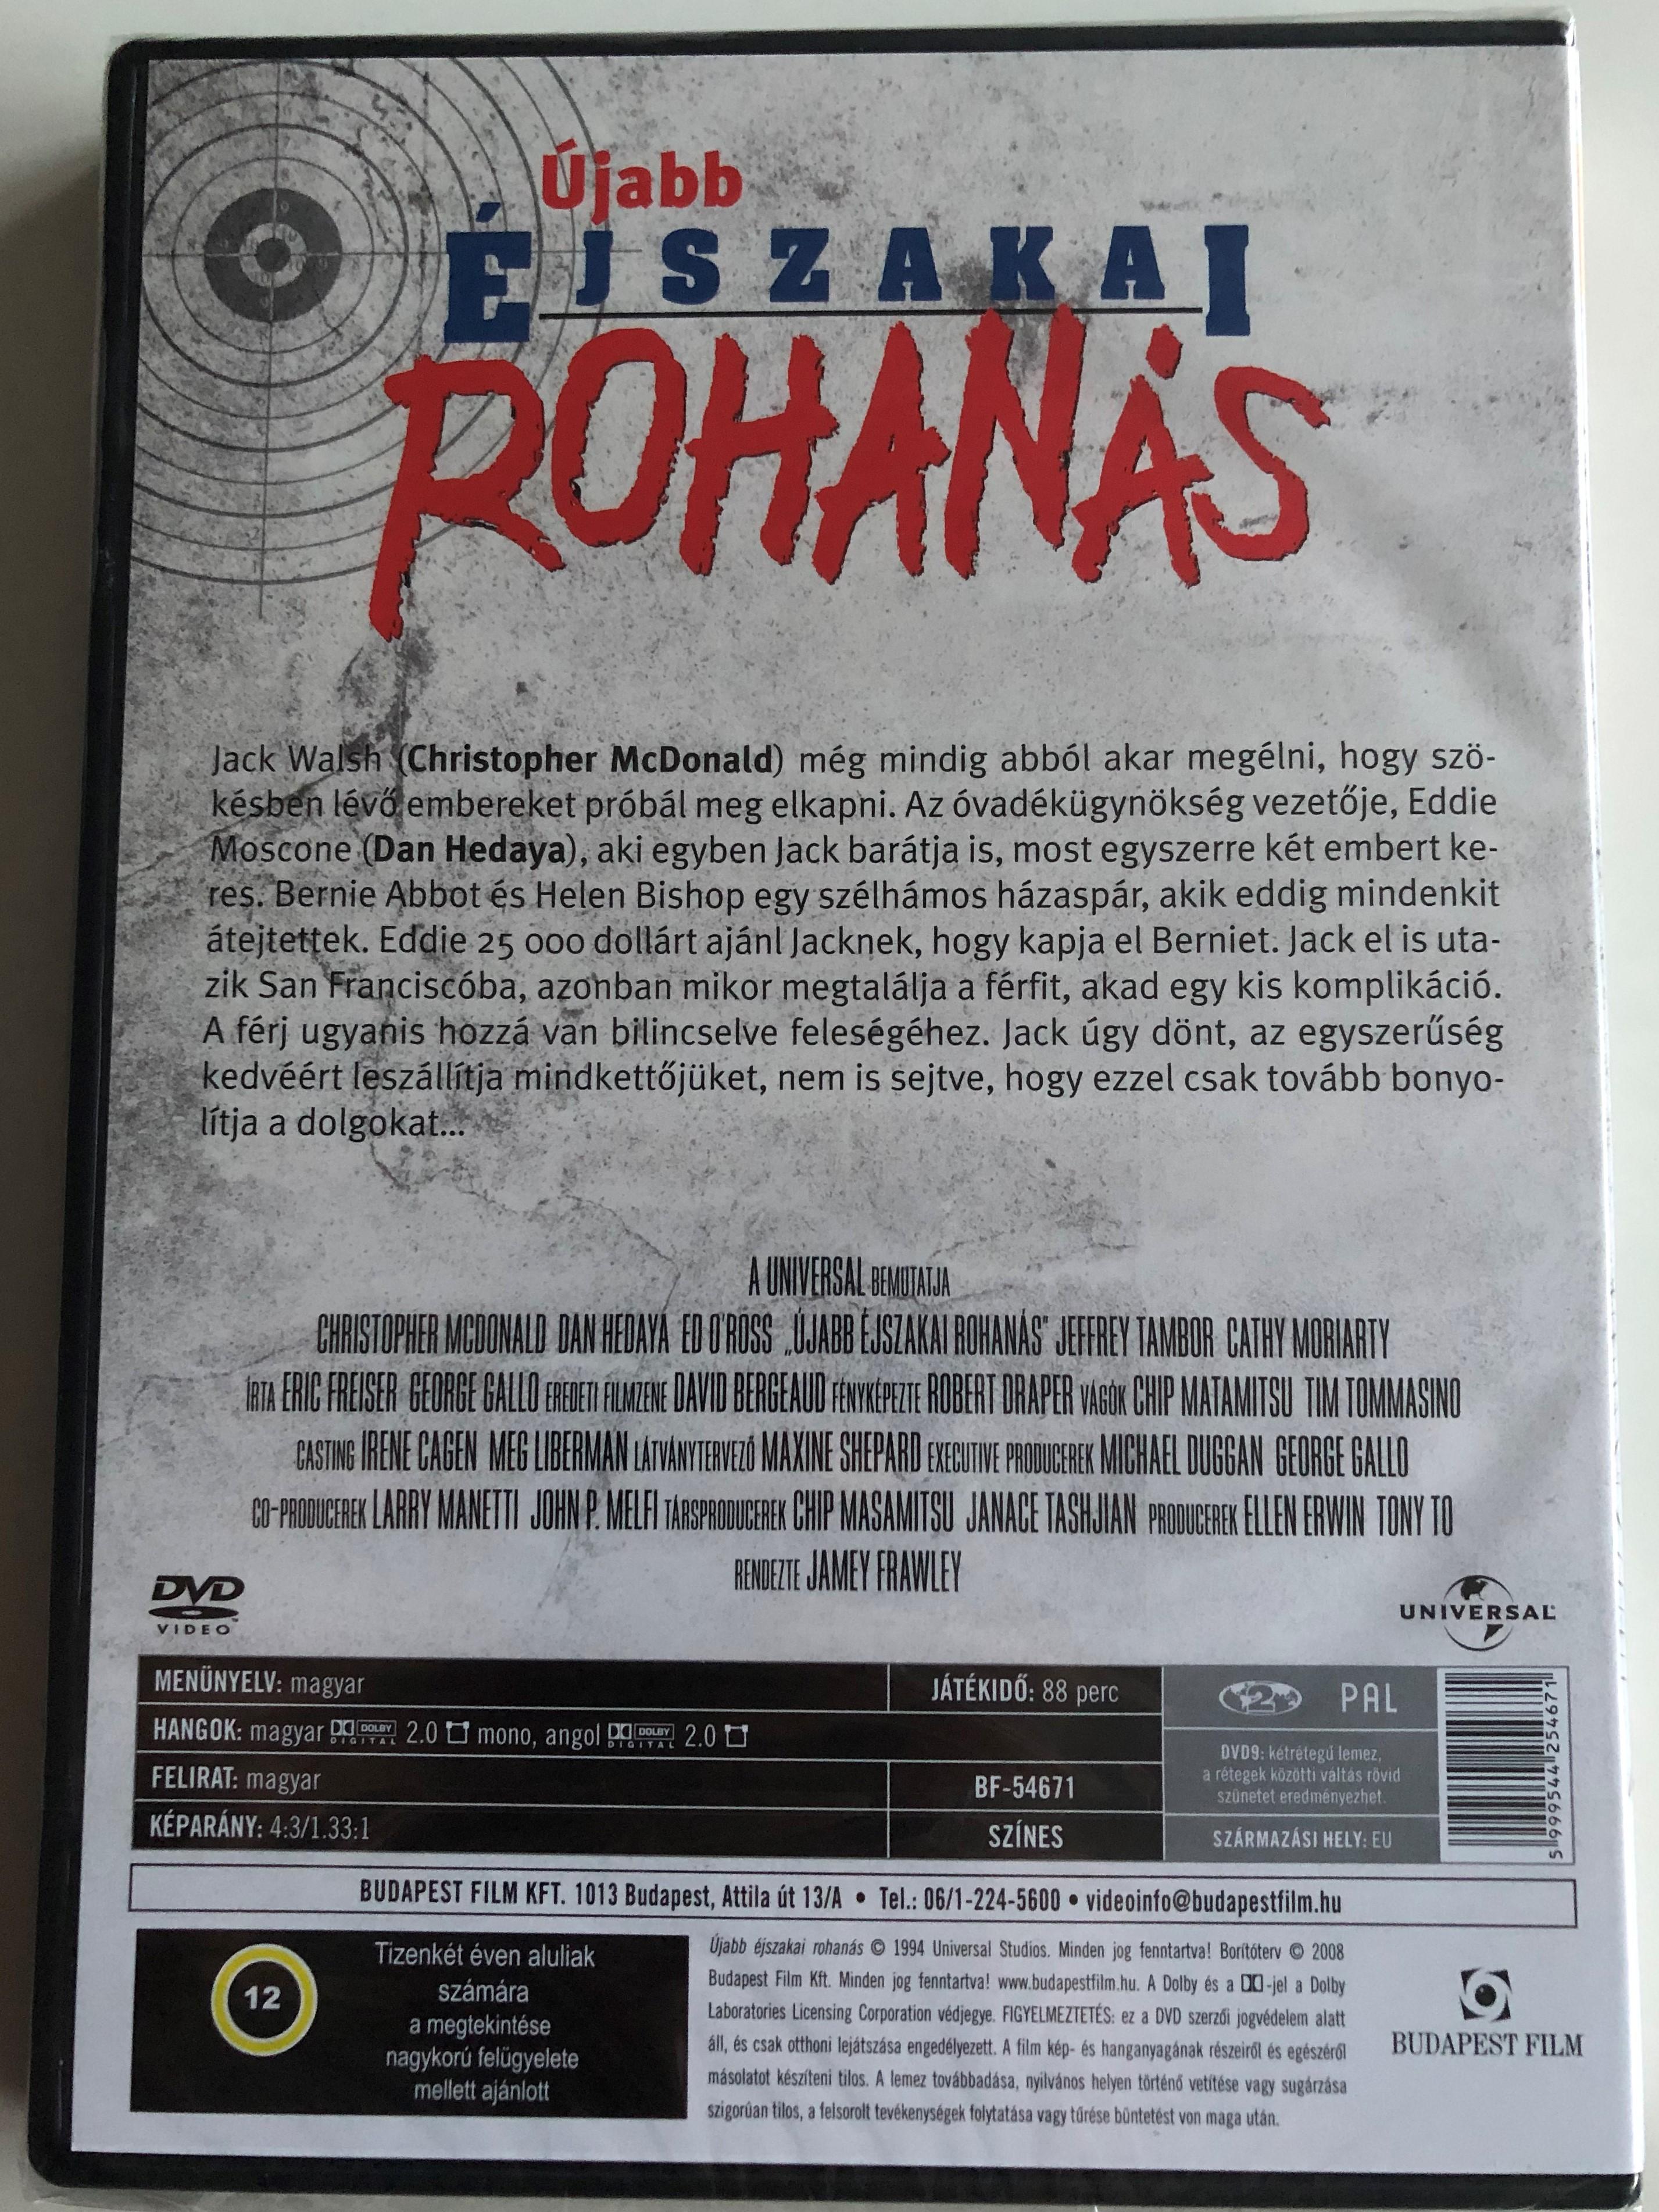 another-midnight-run-dvd-1994-jabb-jszakai-rohan-s-2.jpg